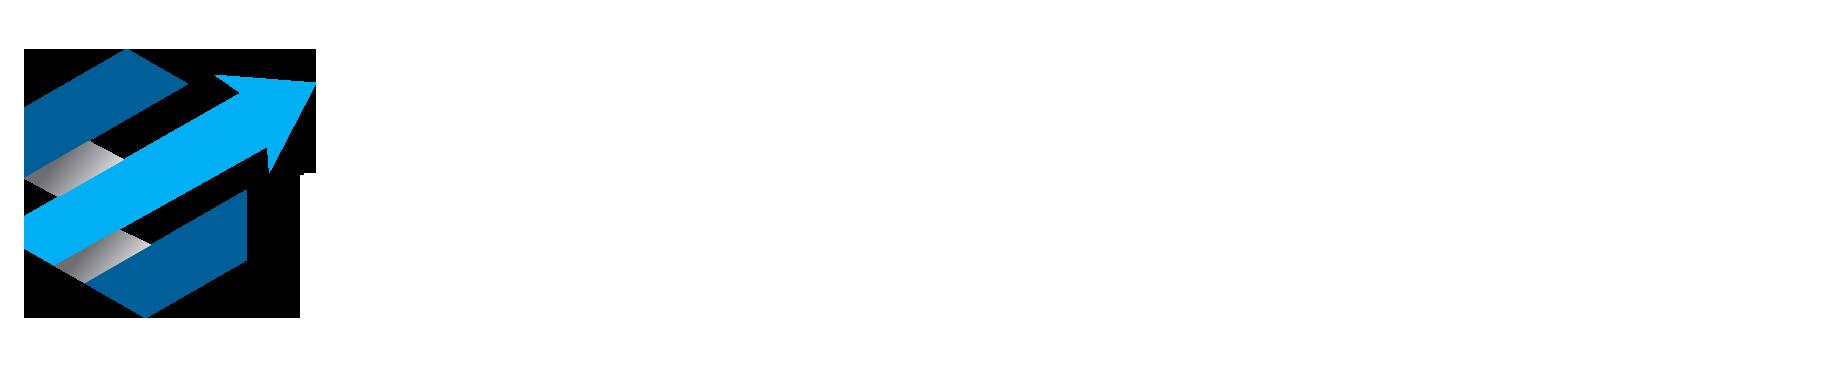 Easy Import USA - Spécialiste du transport de marchandises depuis les USA vers la France